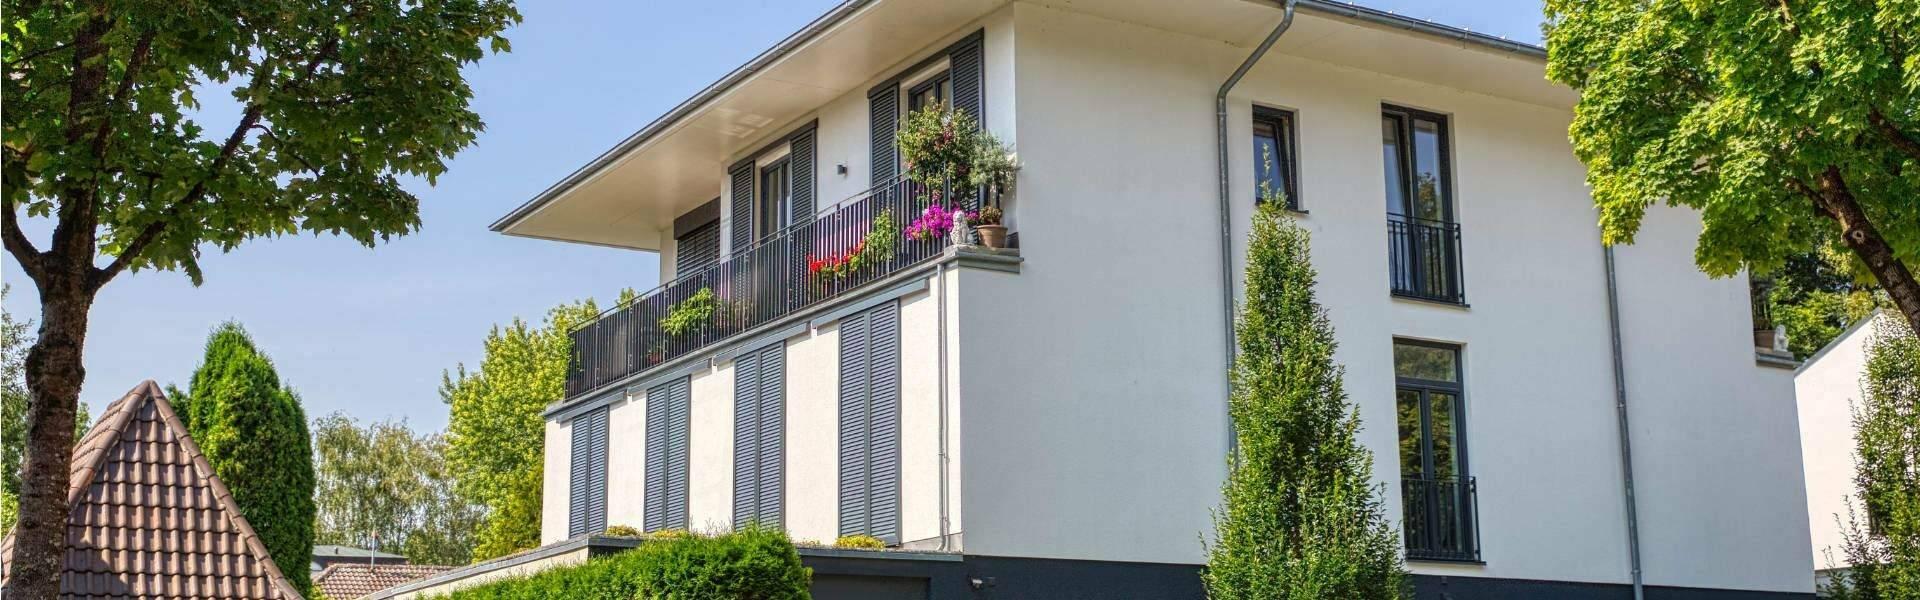 Immobilienratgeber Verkäufer Käufer Vermieter